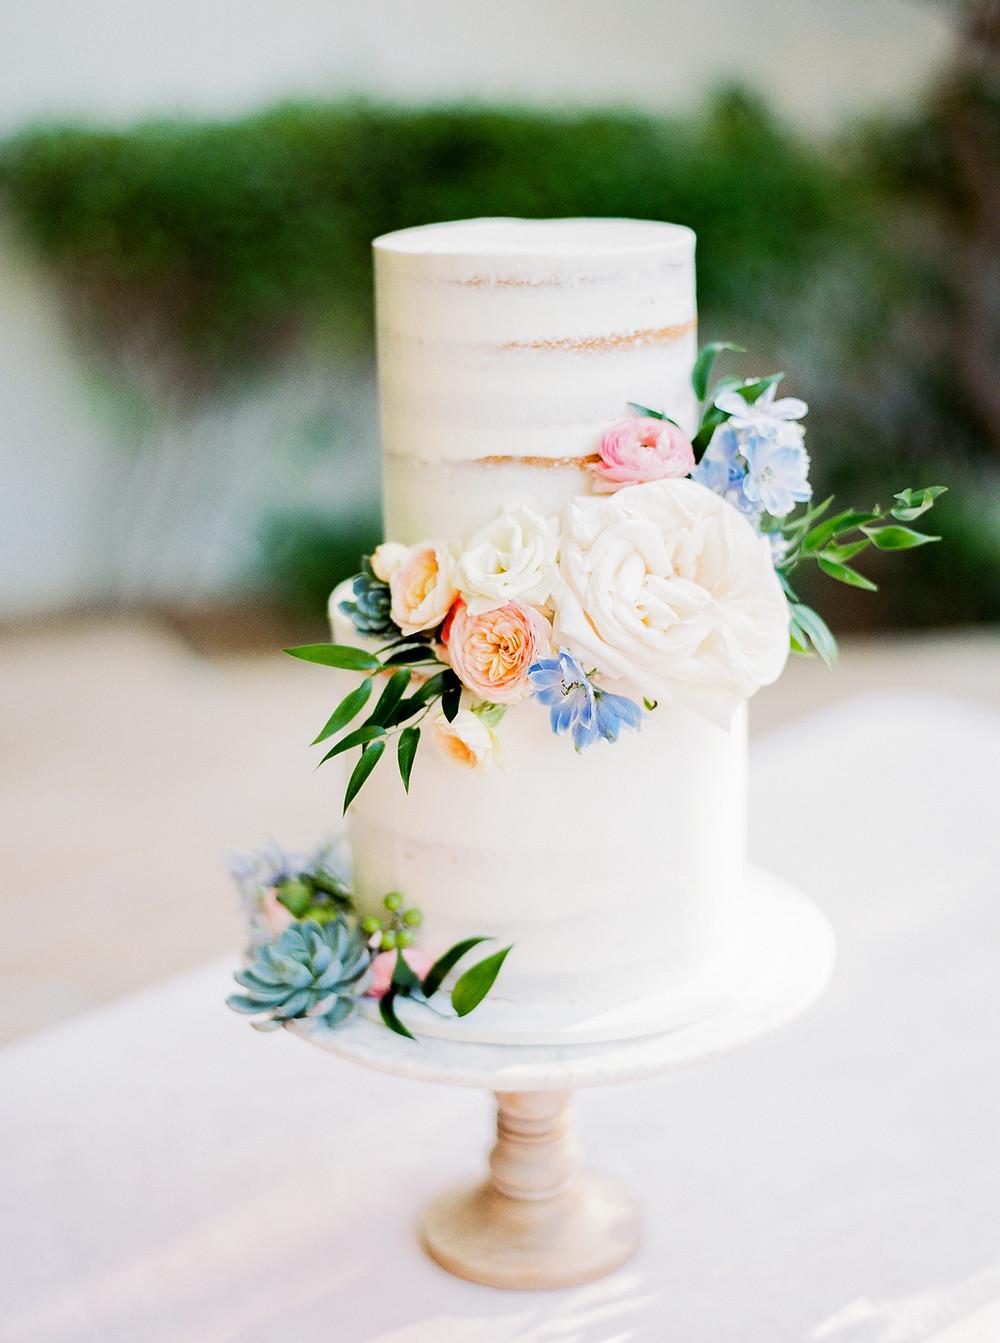 El Chorro Wedding, Traditional Chinese Wedding, Reception Details, Wedding Cake